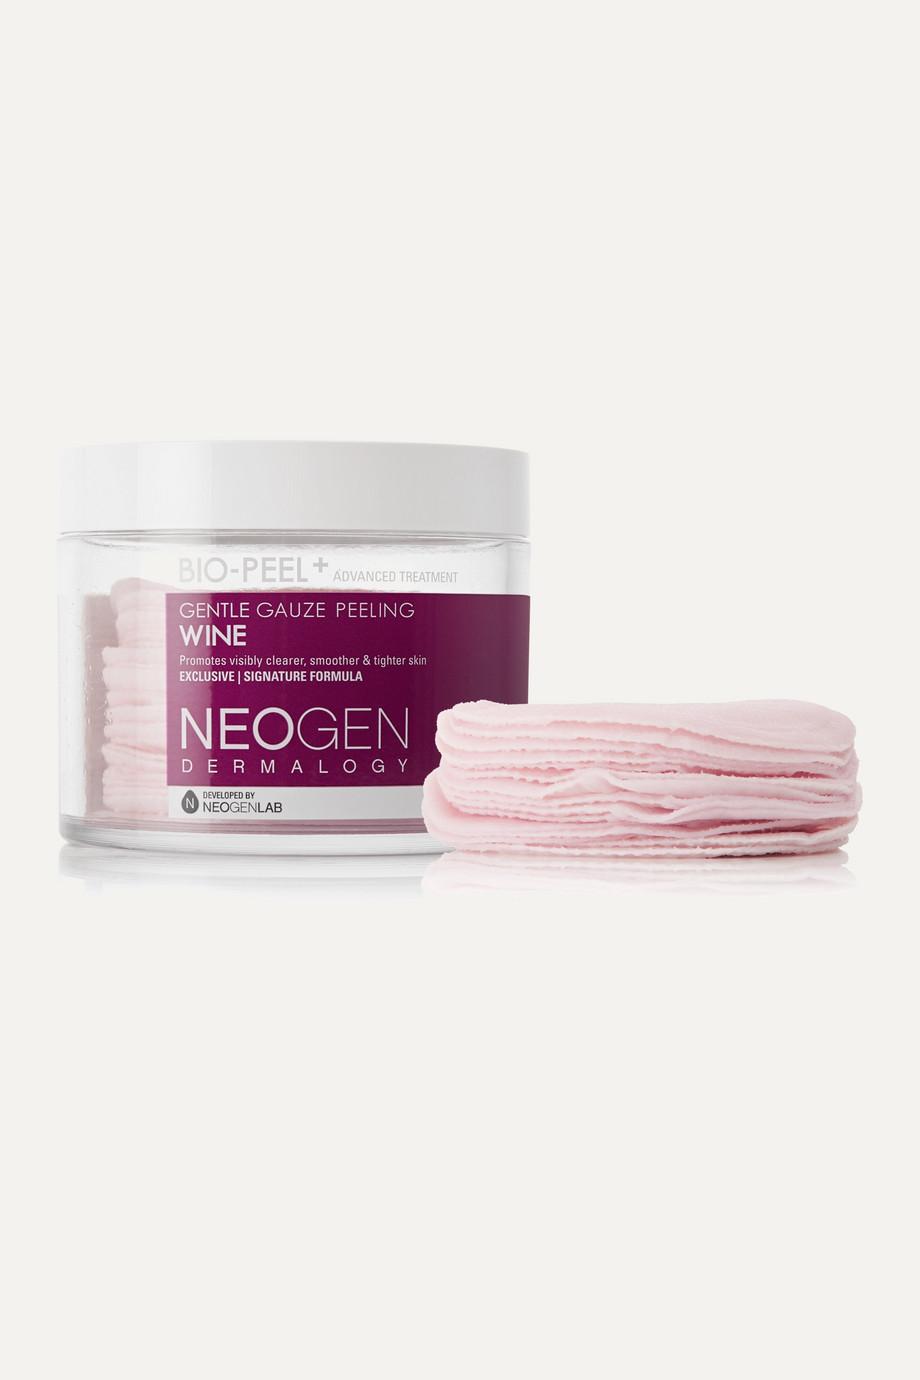 Neogen Dermalogy Bio-Peel Gentle Gauze Peeling - Wine, 30 pads